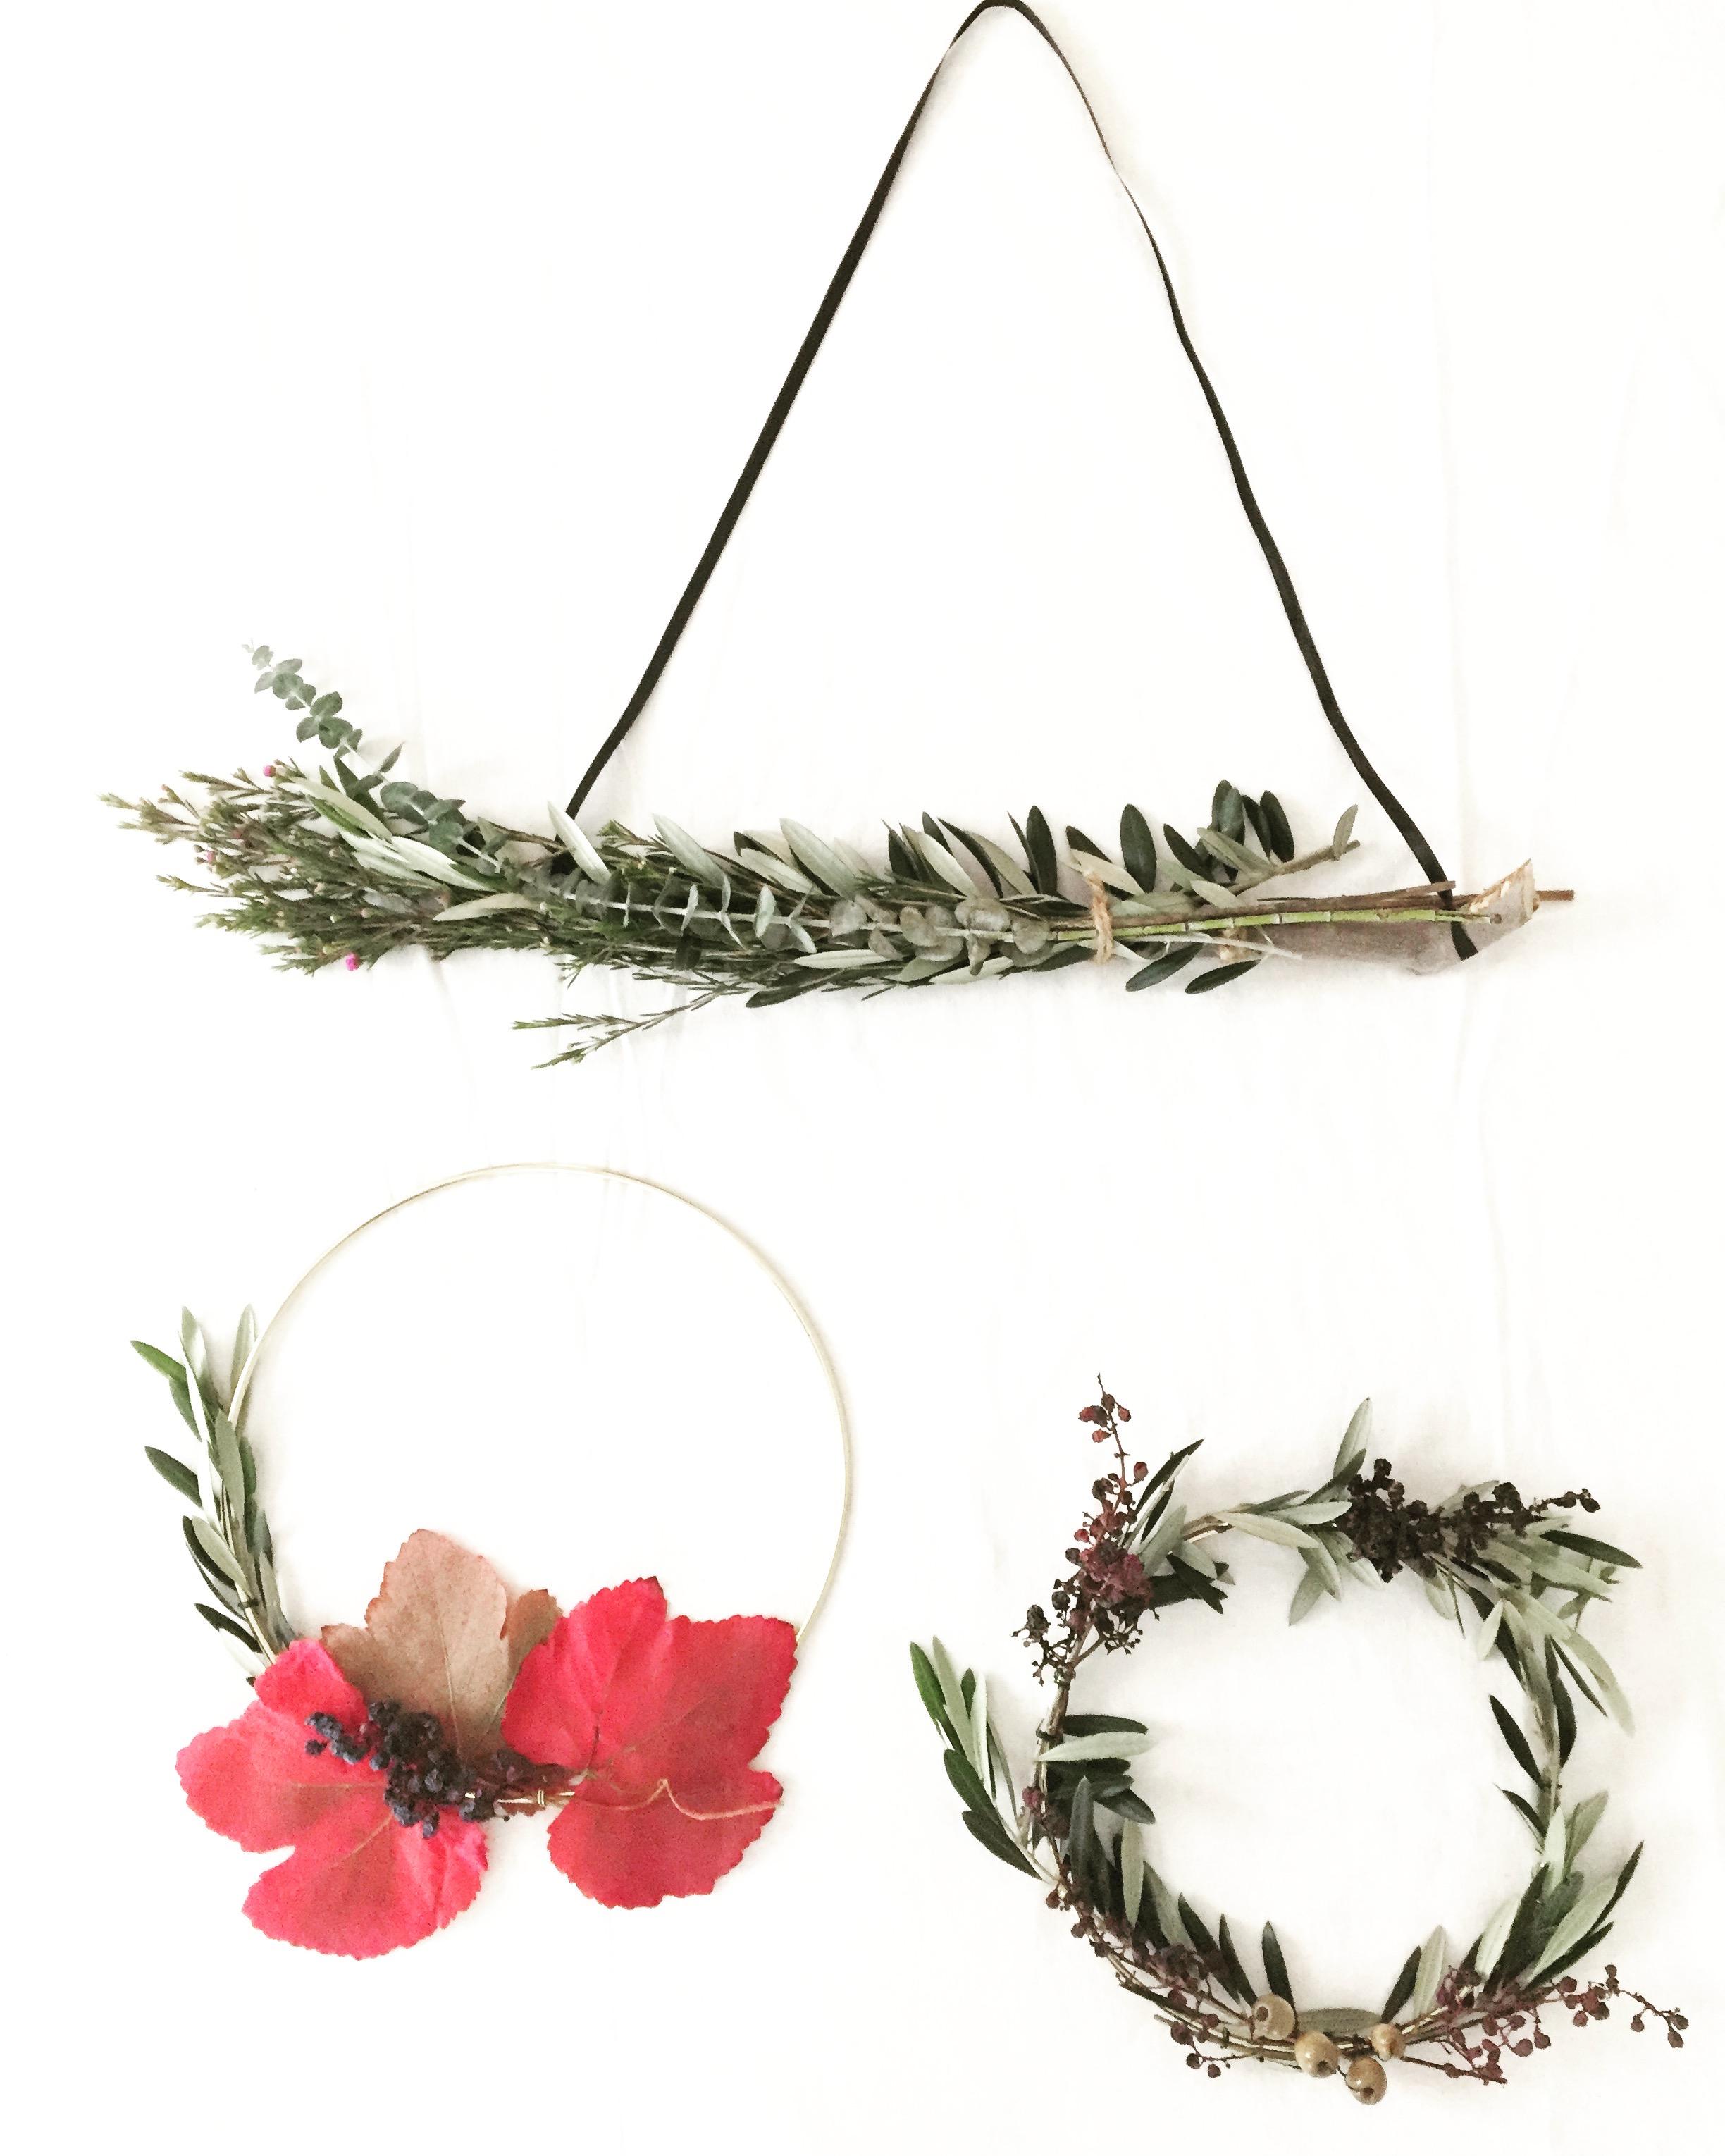 DIY Foraged Wreath 13